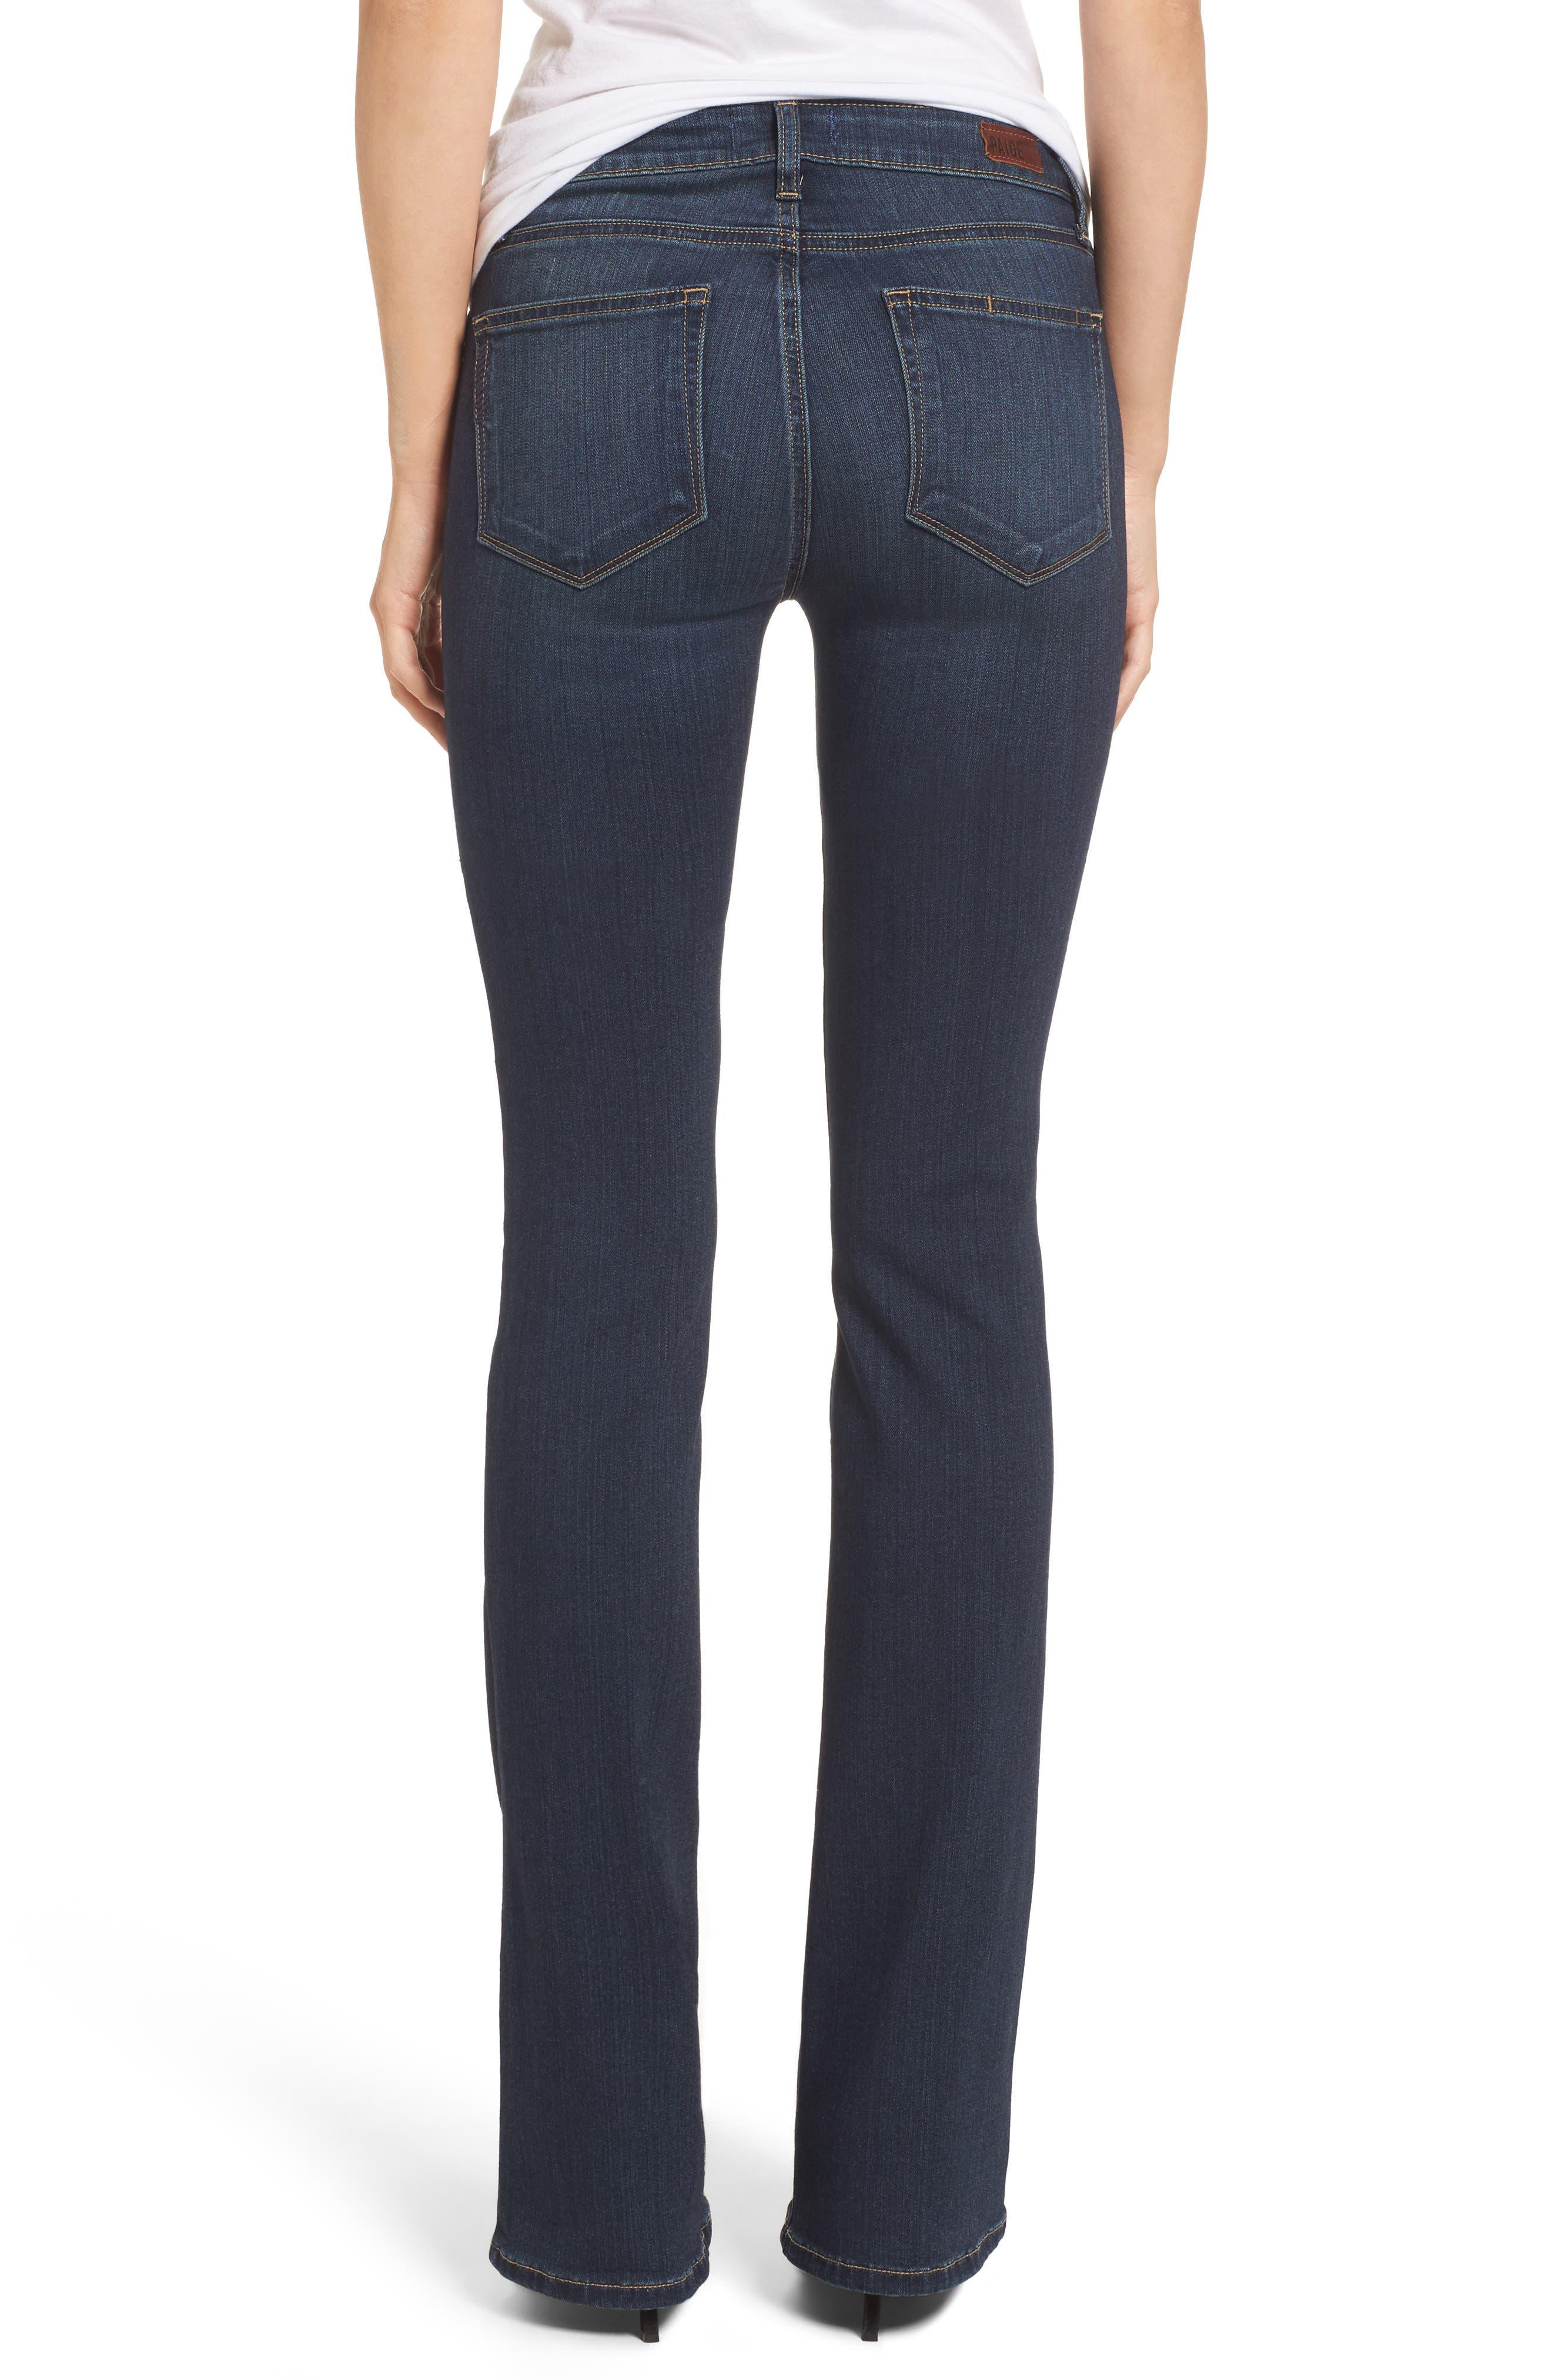 PAIGE, Transcend - Manhattan Bootcut Jeans, Alternate thumbnail 2, color, NOTTINGHAM